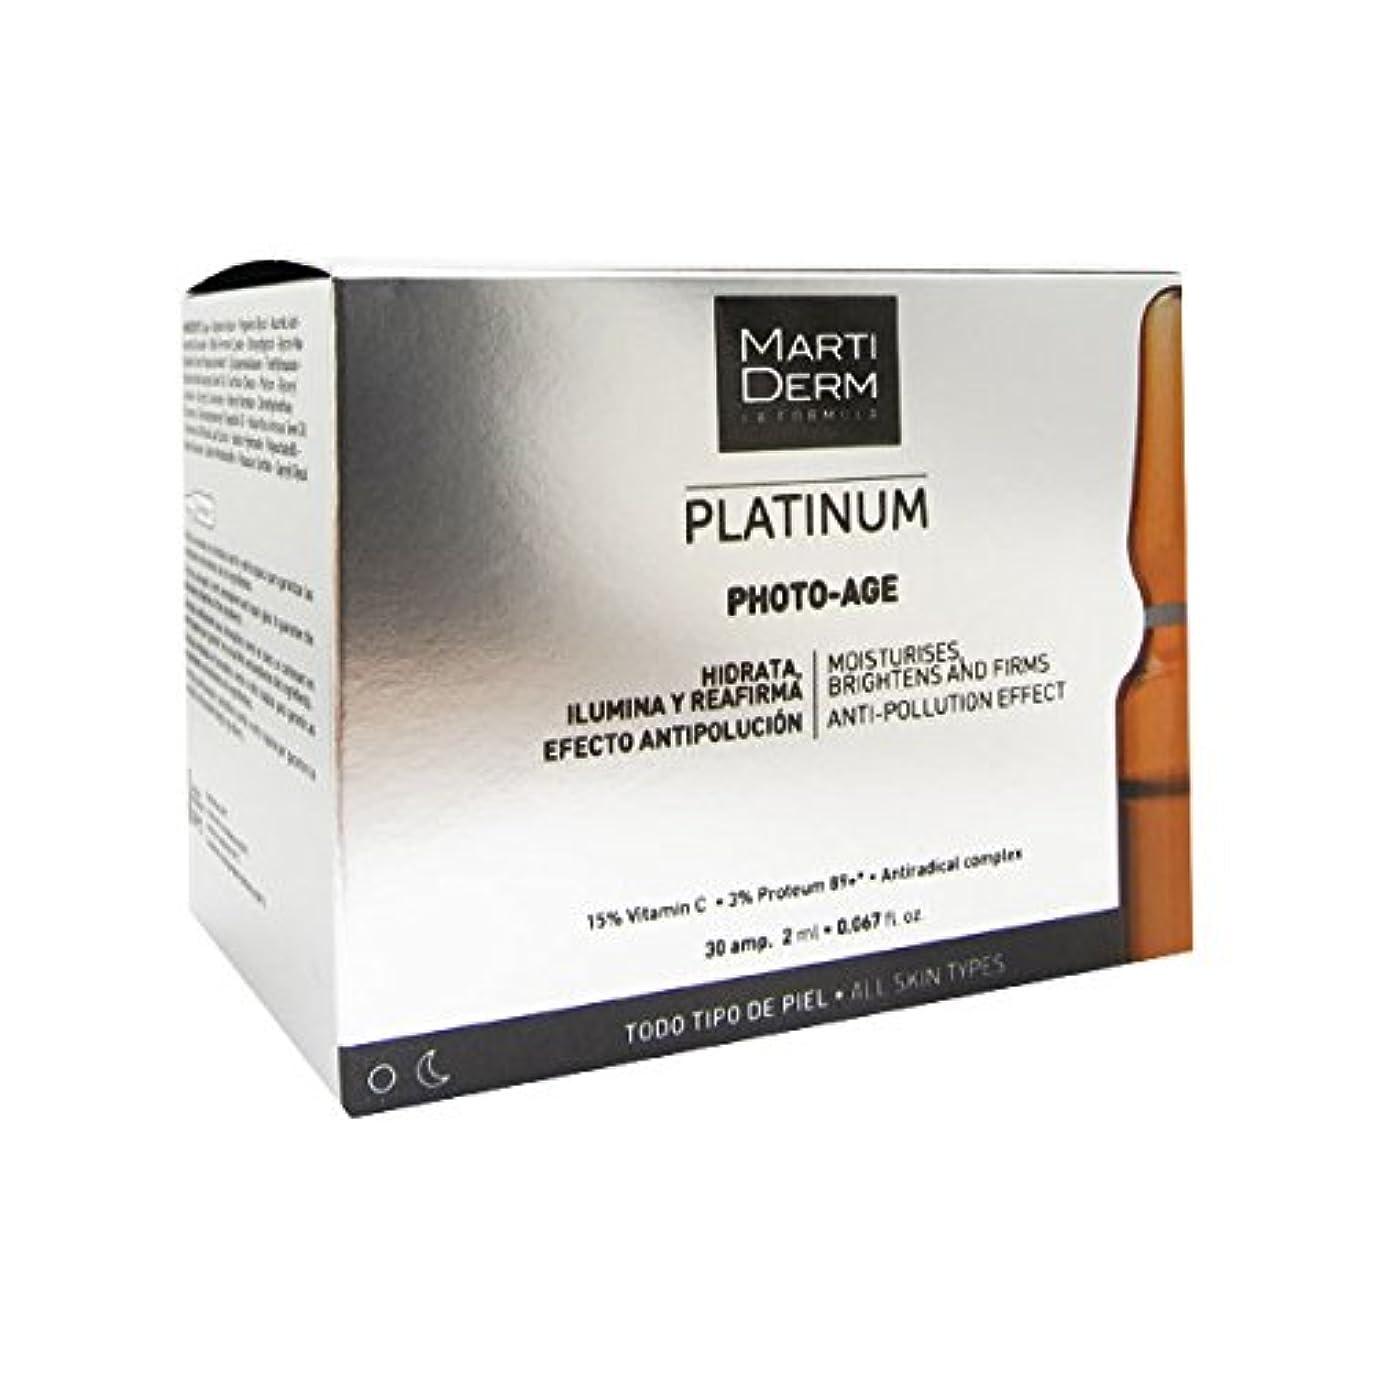 打ち上げる快適うんMartiderm Platinum Photo-age 30ampx2ml [並行輸入品]